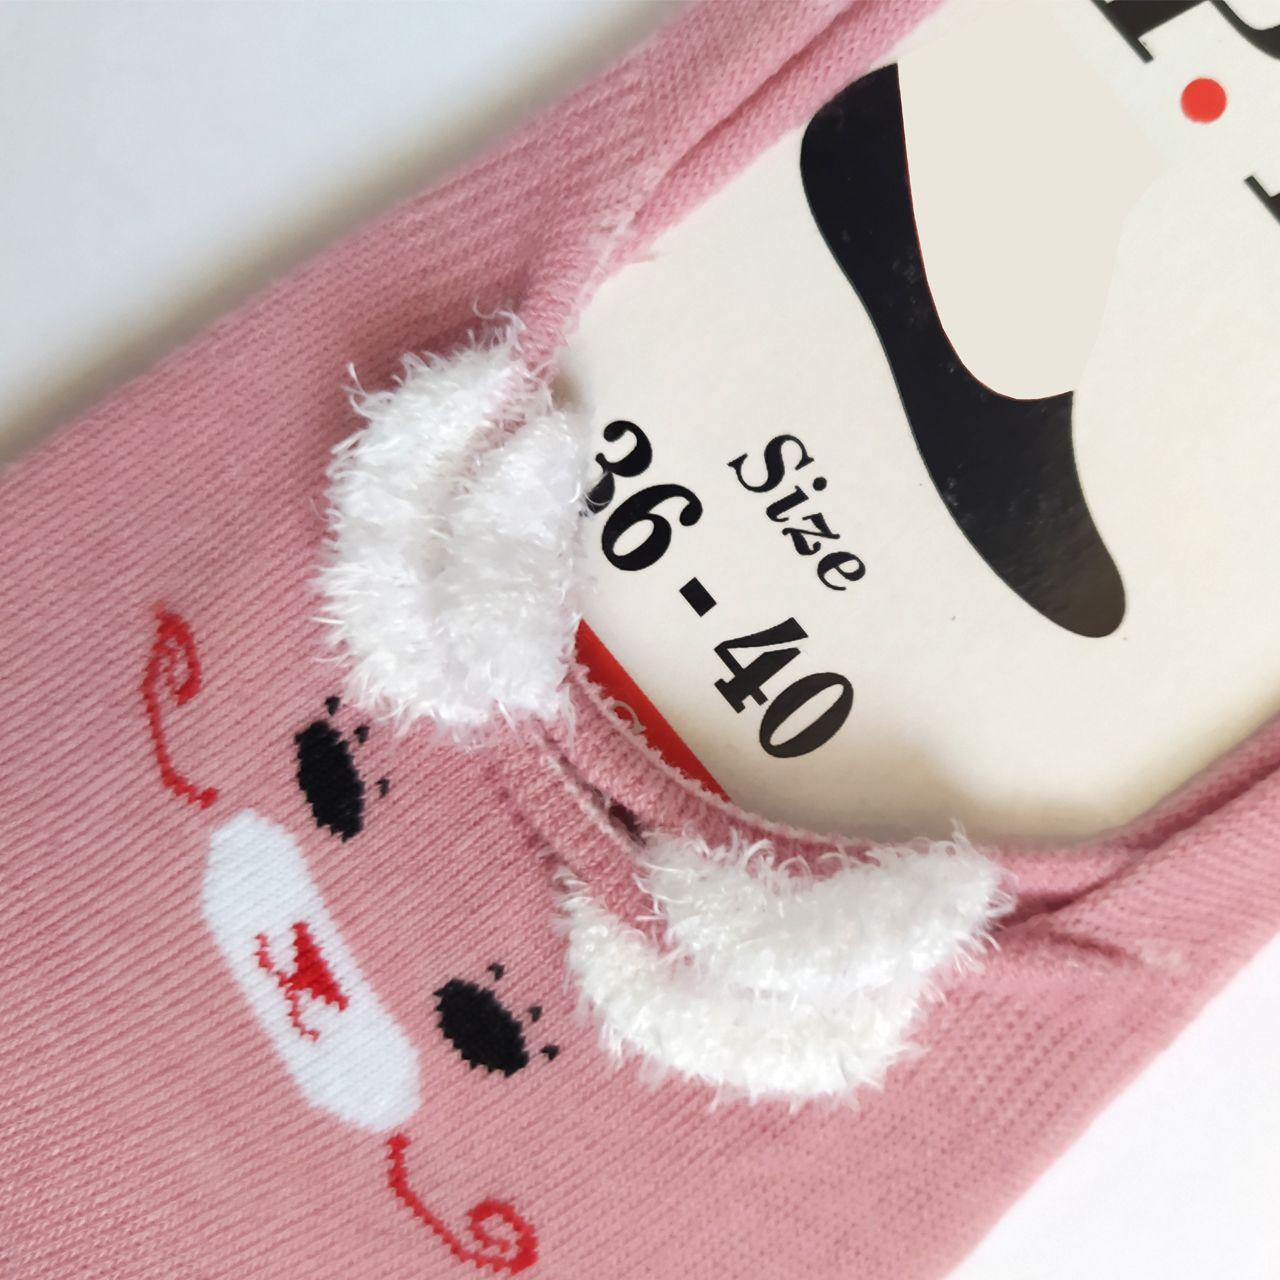 جوراب زنانه پی تی طرح گربه کد J021 -  - 3